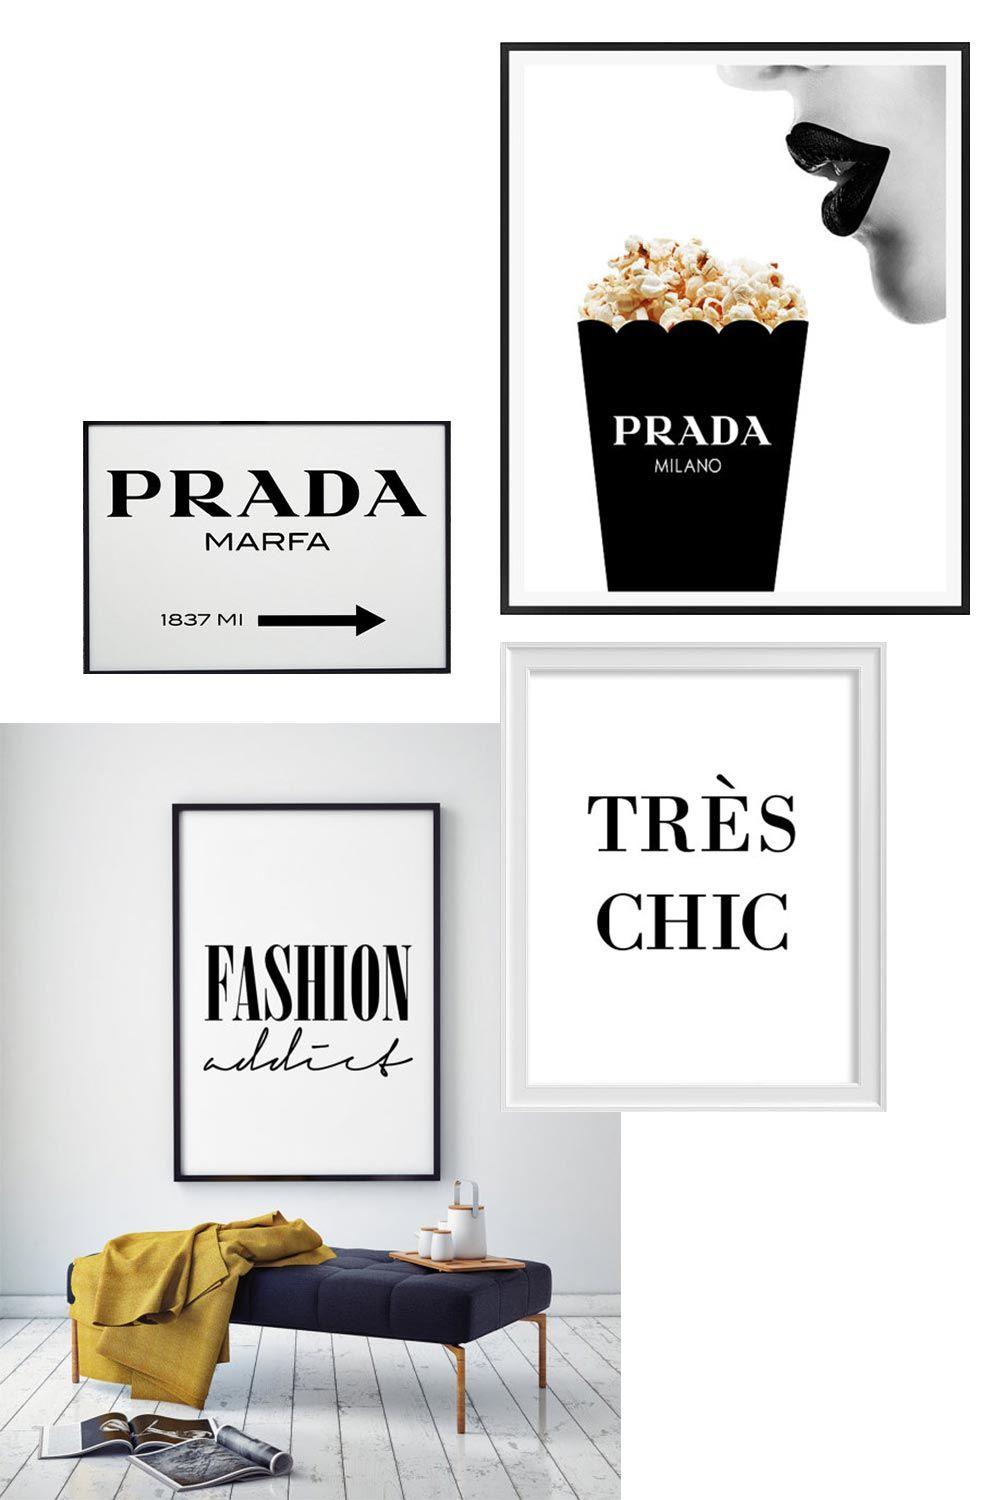 Außergewöhnlich Statement Poster, Lifestyle Prints, Wall Design, Wanddekoration, Office,  Wohnung, Schlafzimmer, Wohnzimmer, Interior Blog, Einrichtungsideen,  Whoismocca.com